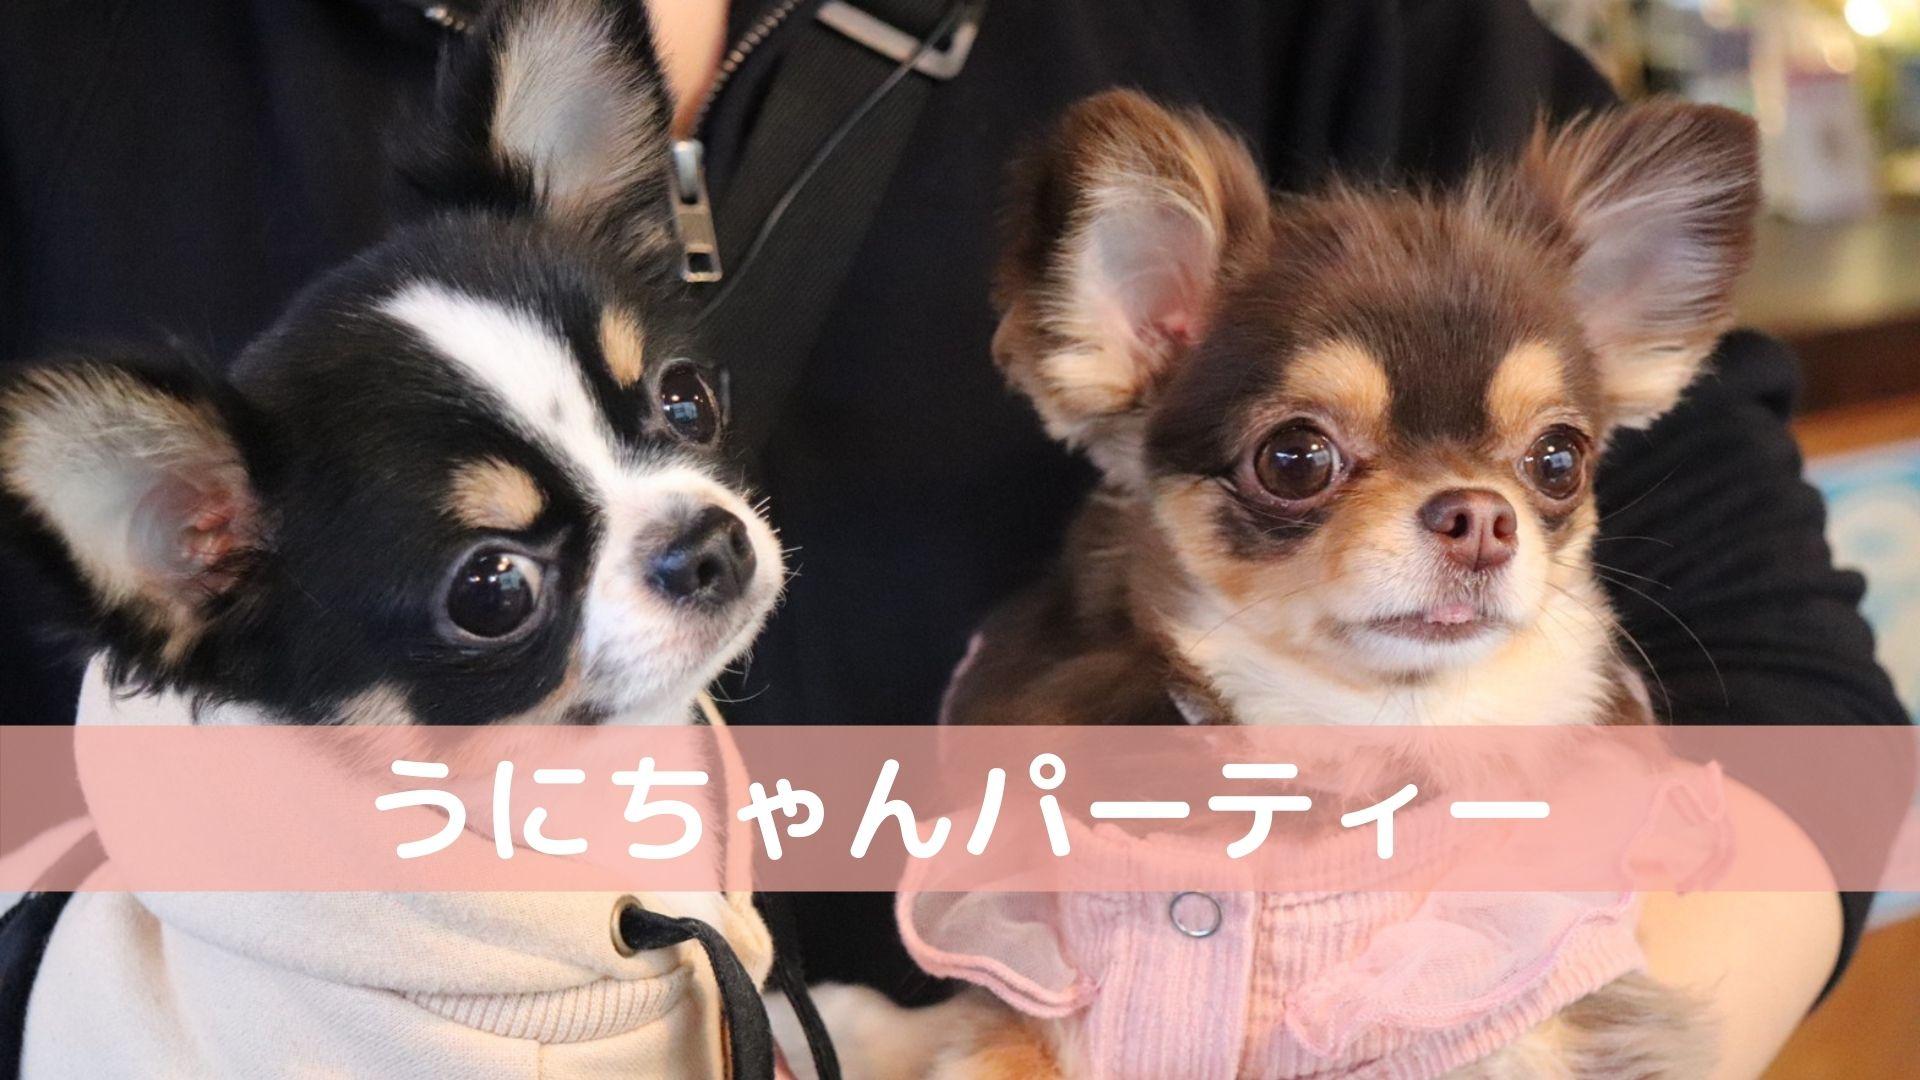 [受付終了]3/24 うにちゃんパーティー